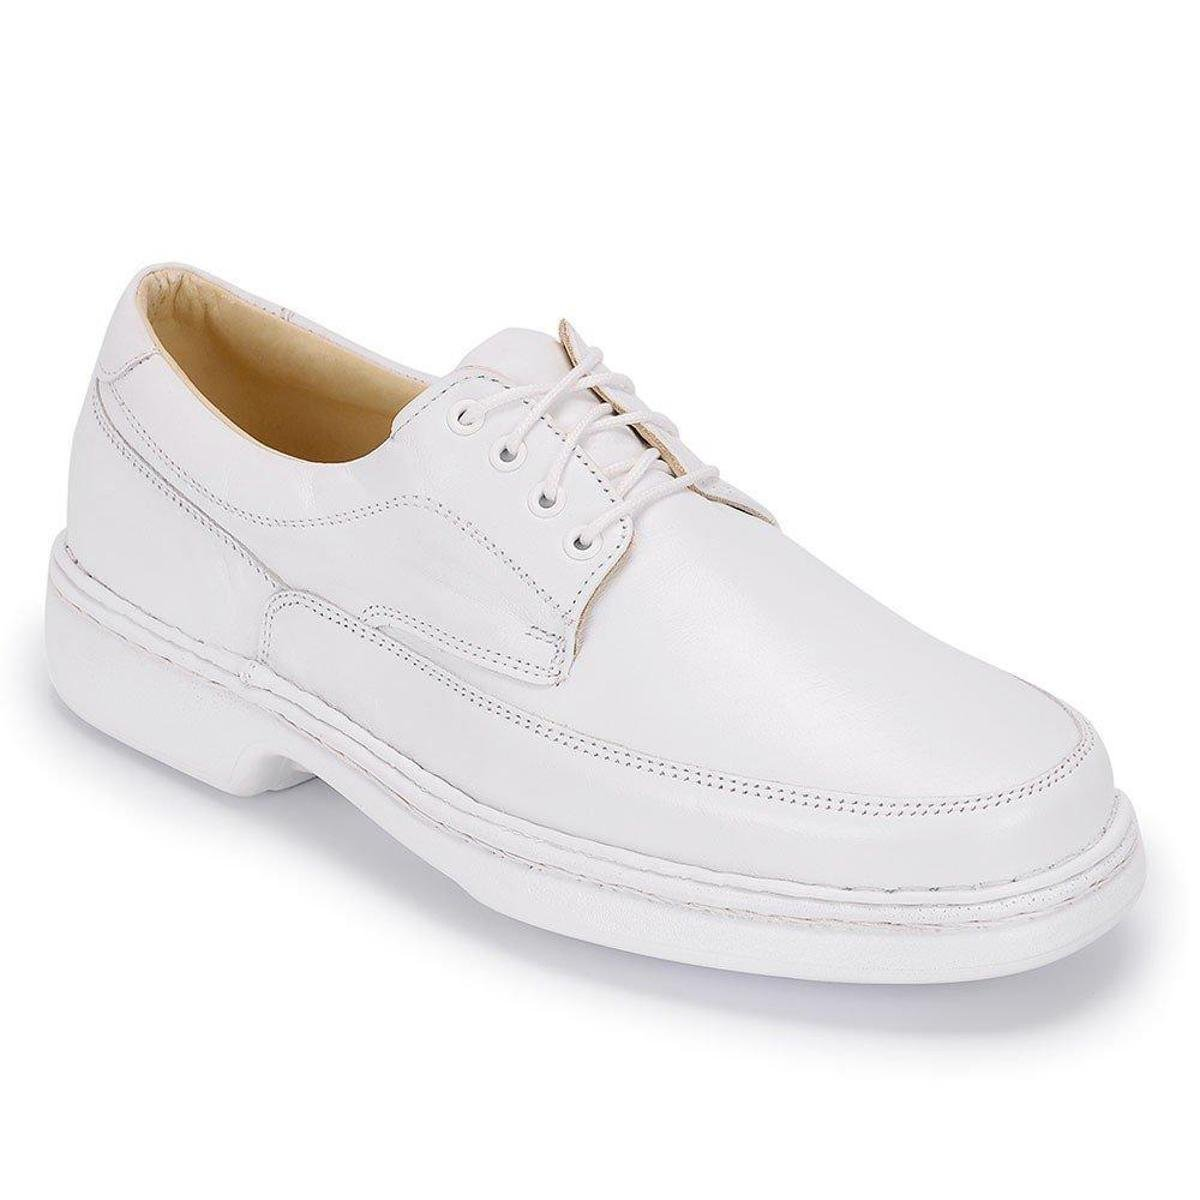 Branco Atlanta Atlanta Conforto Conforto Branco Sapato Sapato Sapato PR5qwnSg5